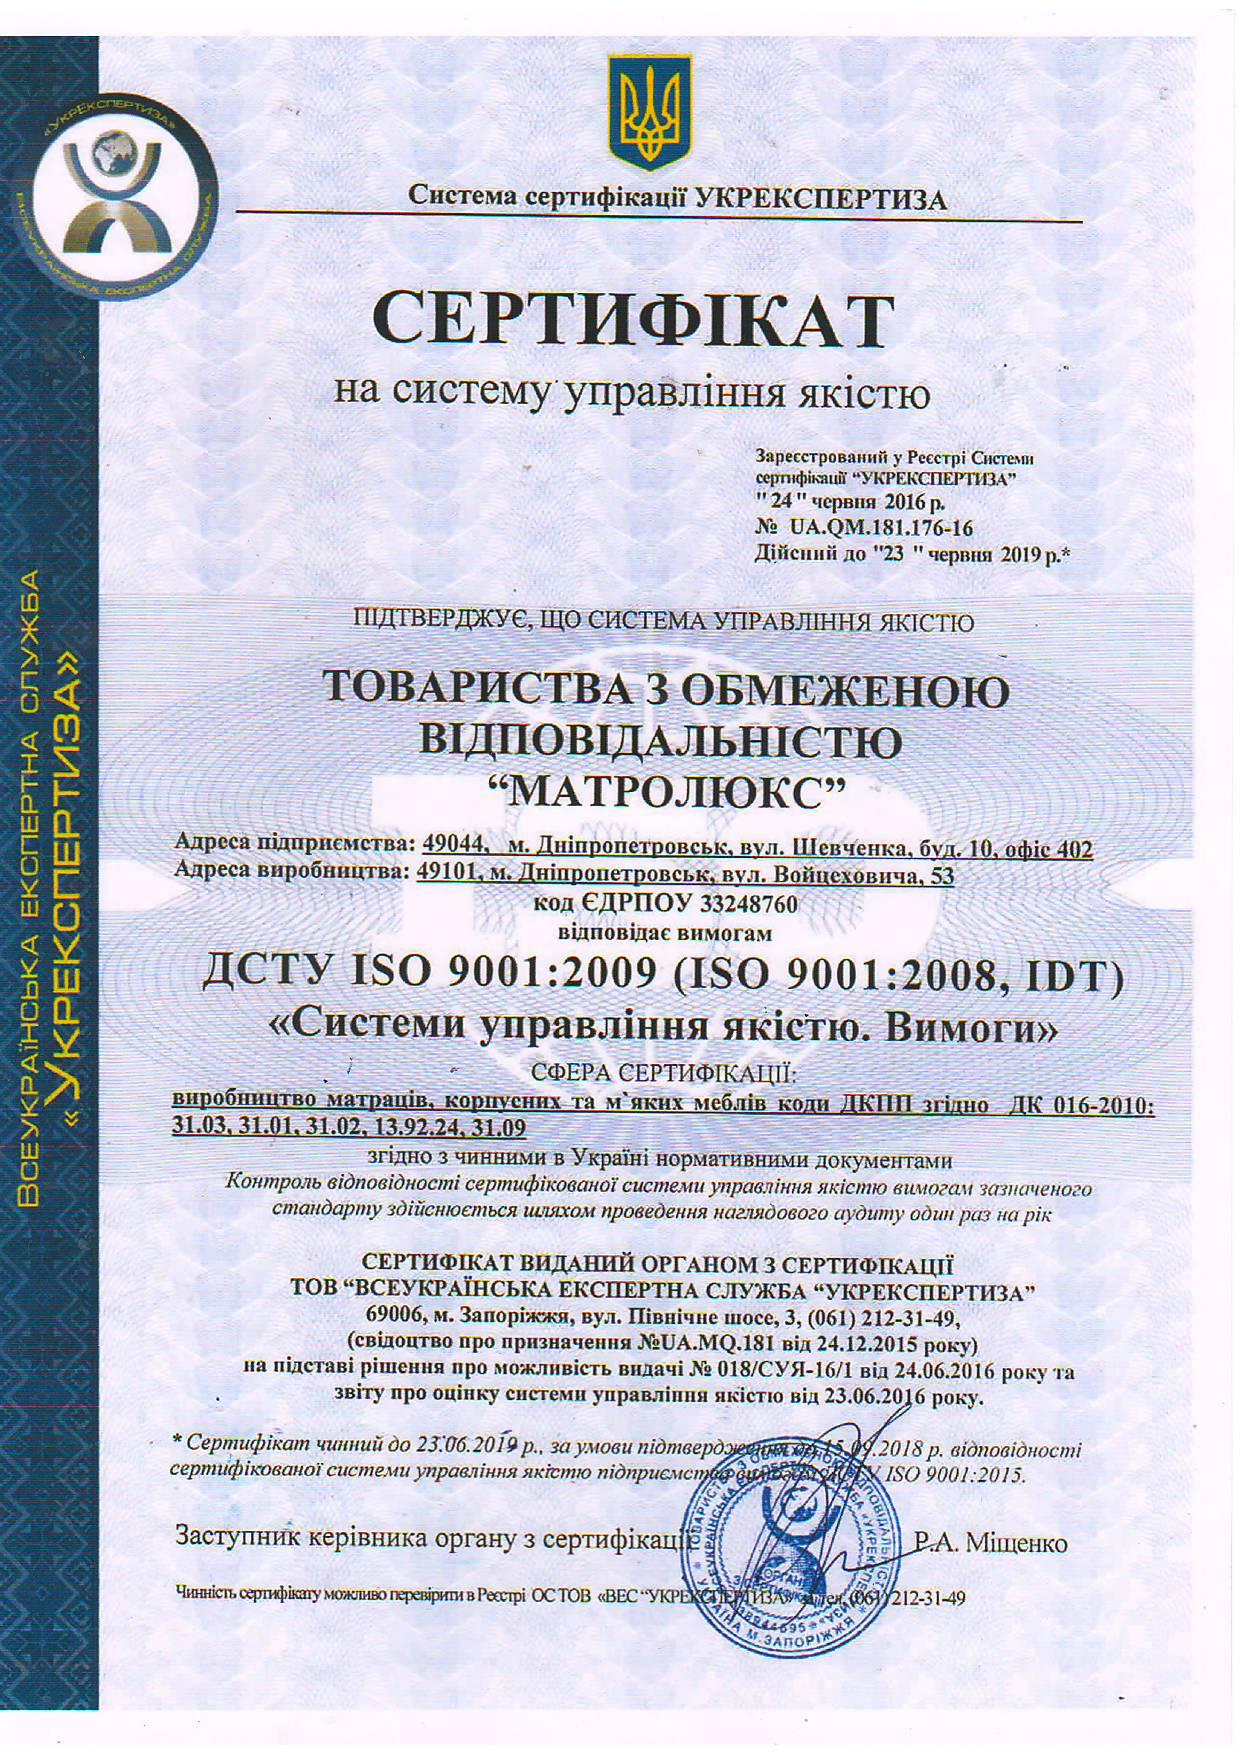 Сертификат на систему управления качеством 2